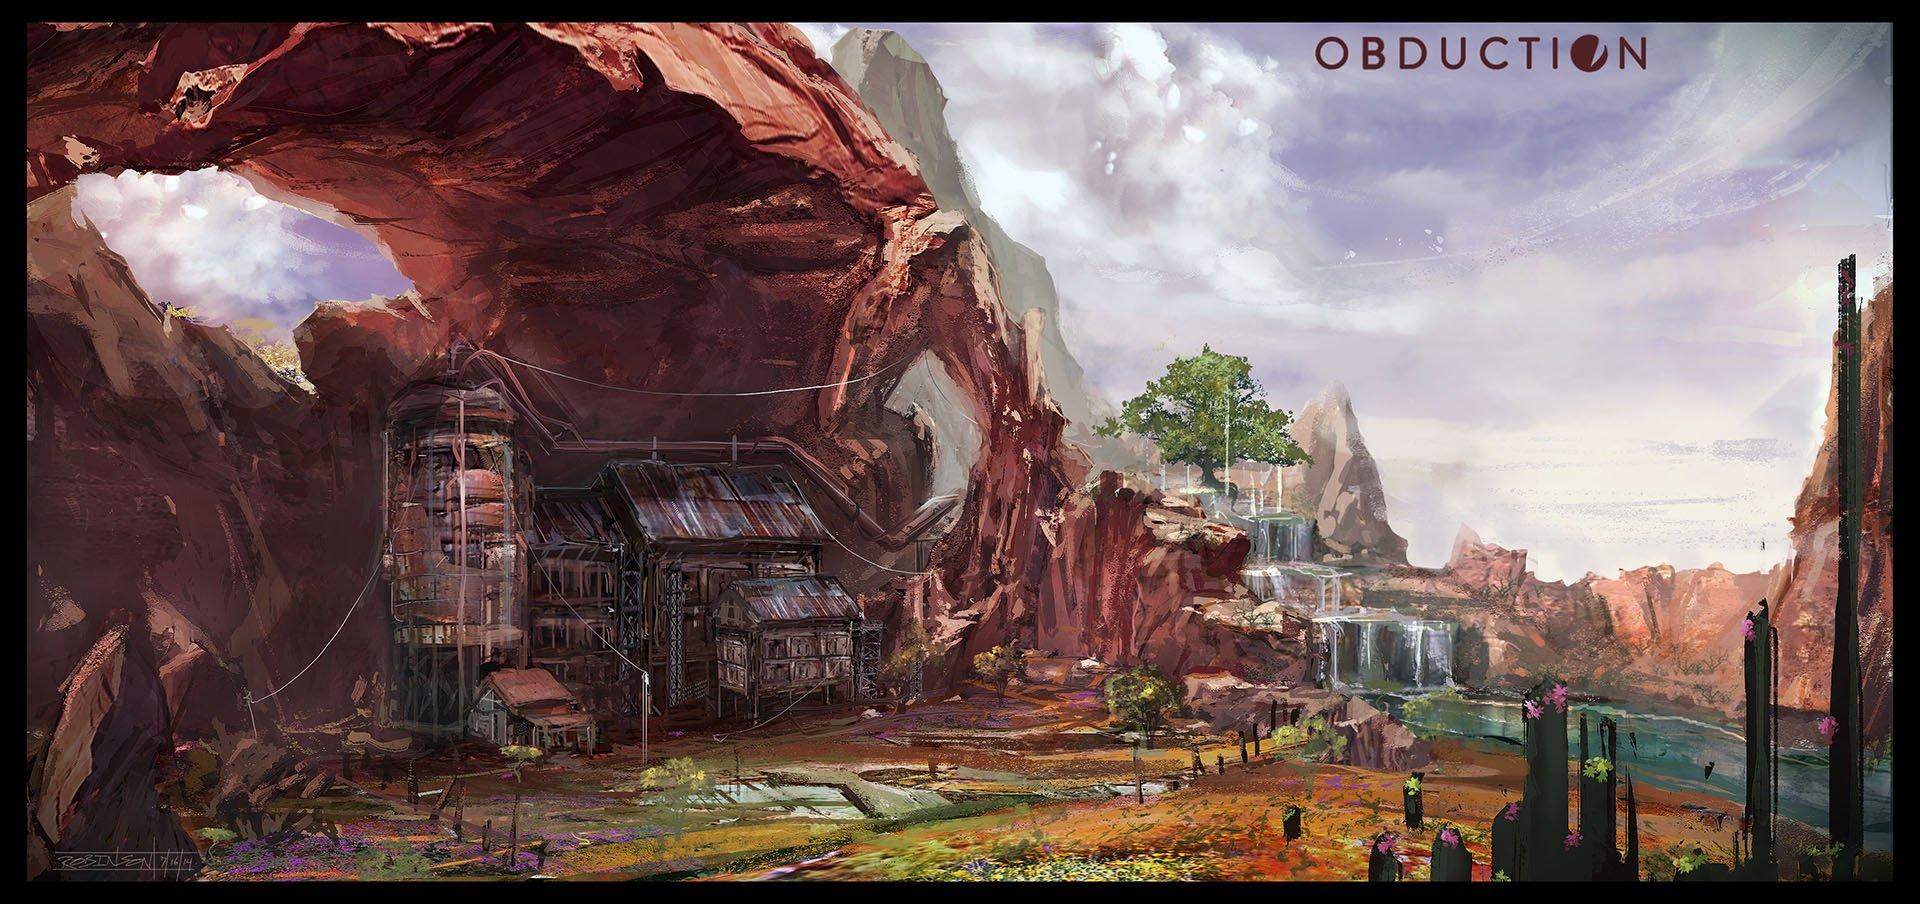 Возвращение Myst-ических квестов. Обзор Obduction - Изображение 2